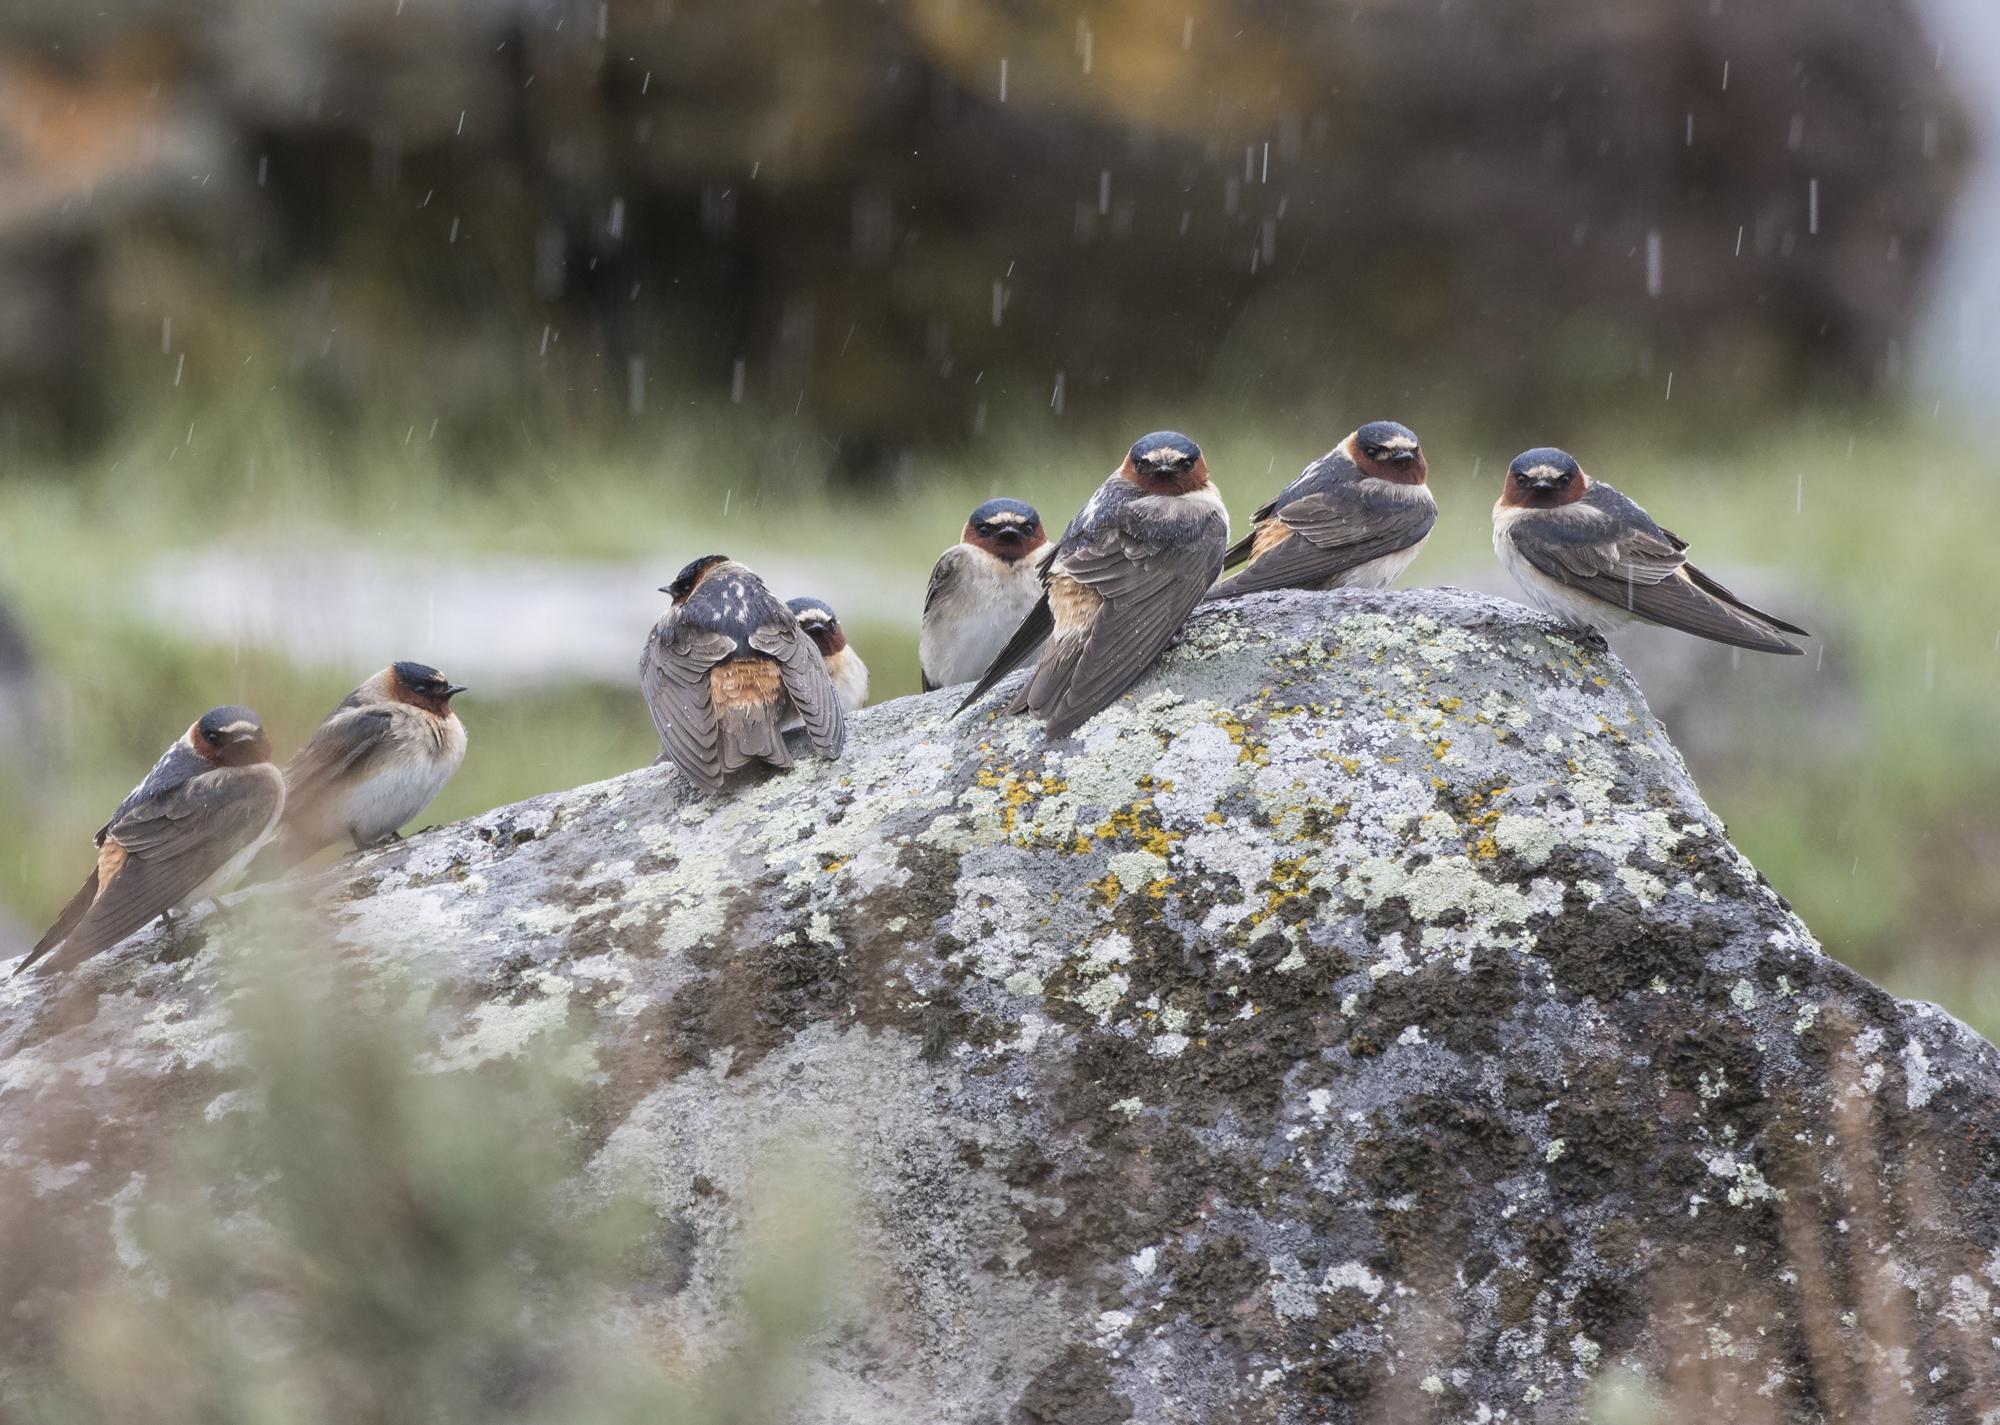 Cliff swallows in rain